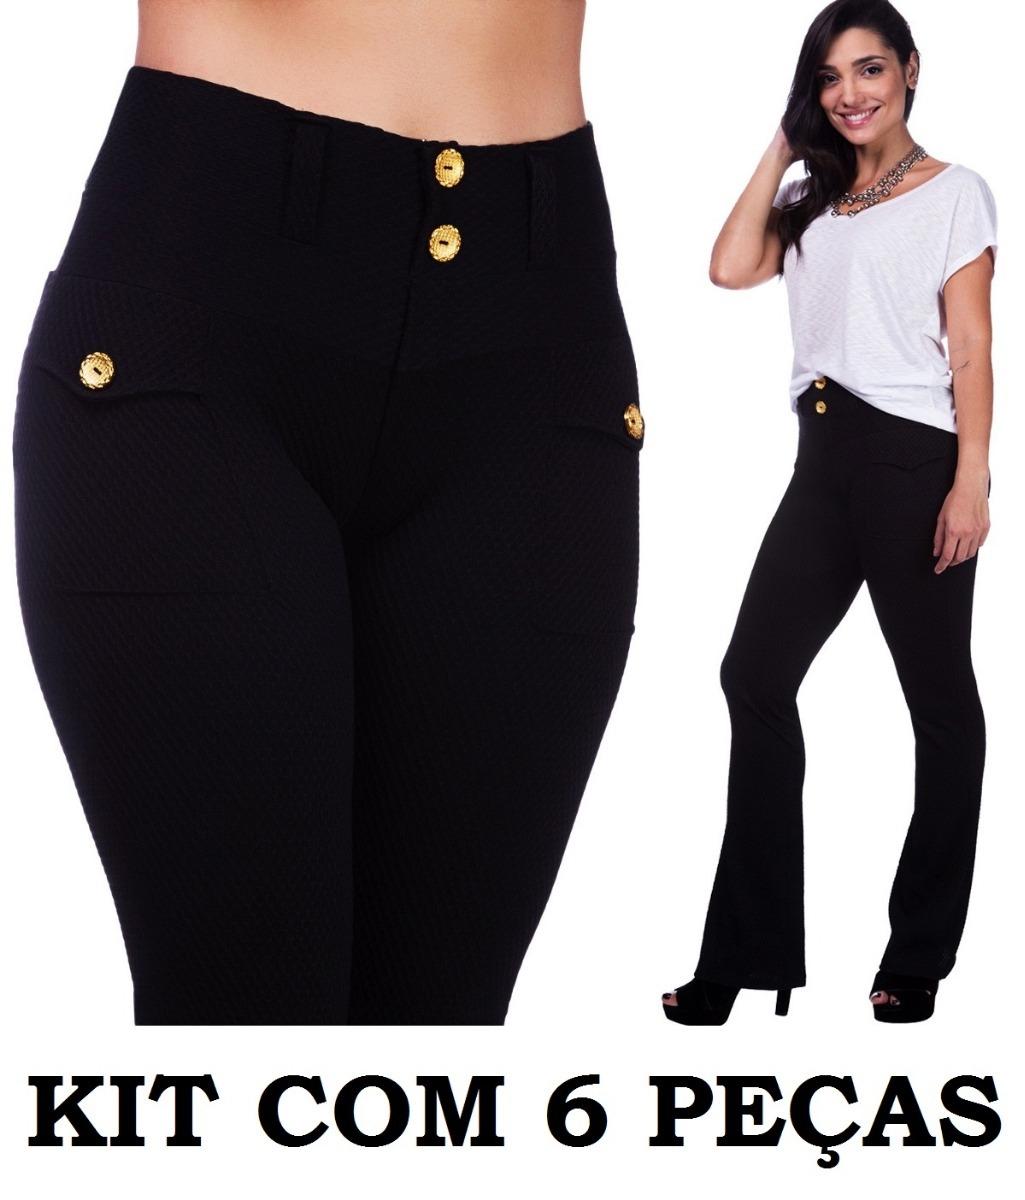 40b8bdd98 Kit Com 6 Calças Flare Bailarina Boca Sino Textura Relevo - R$ 252 ...